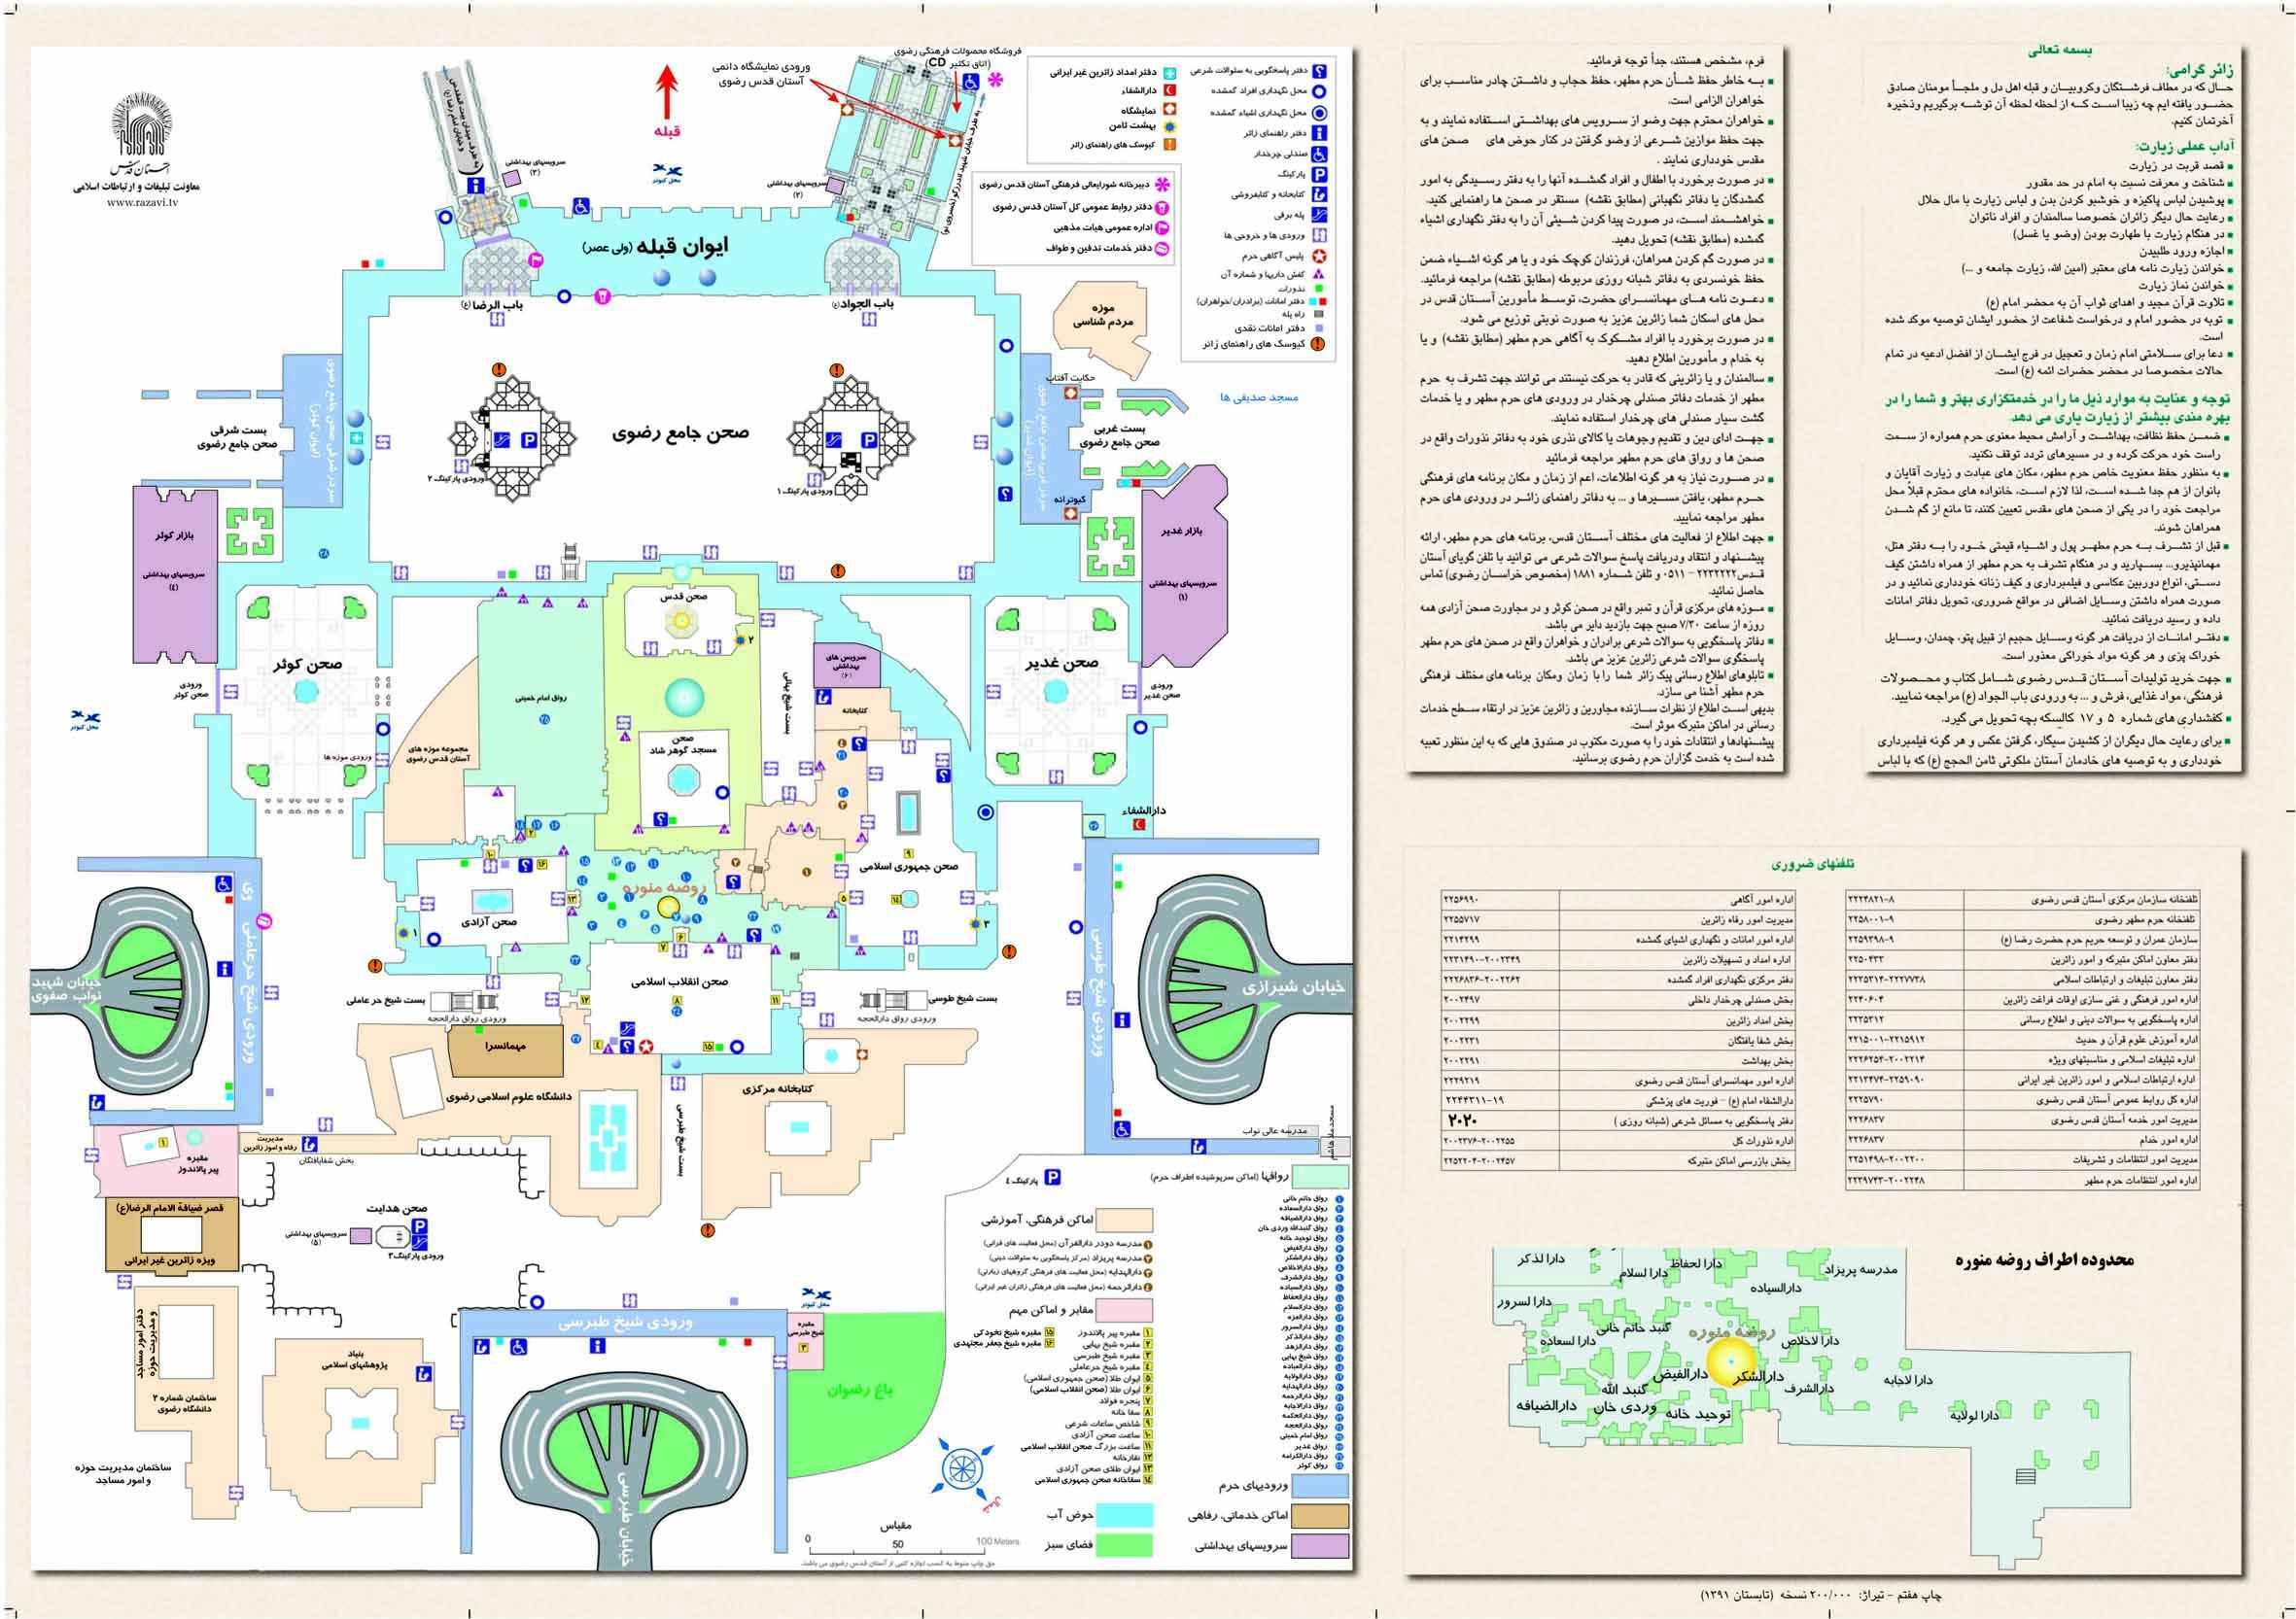 نقشه  حرم امام رضا(علیه السلام)